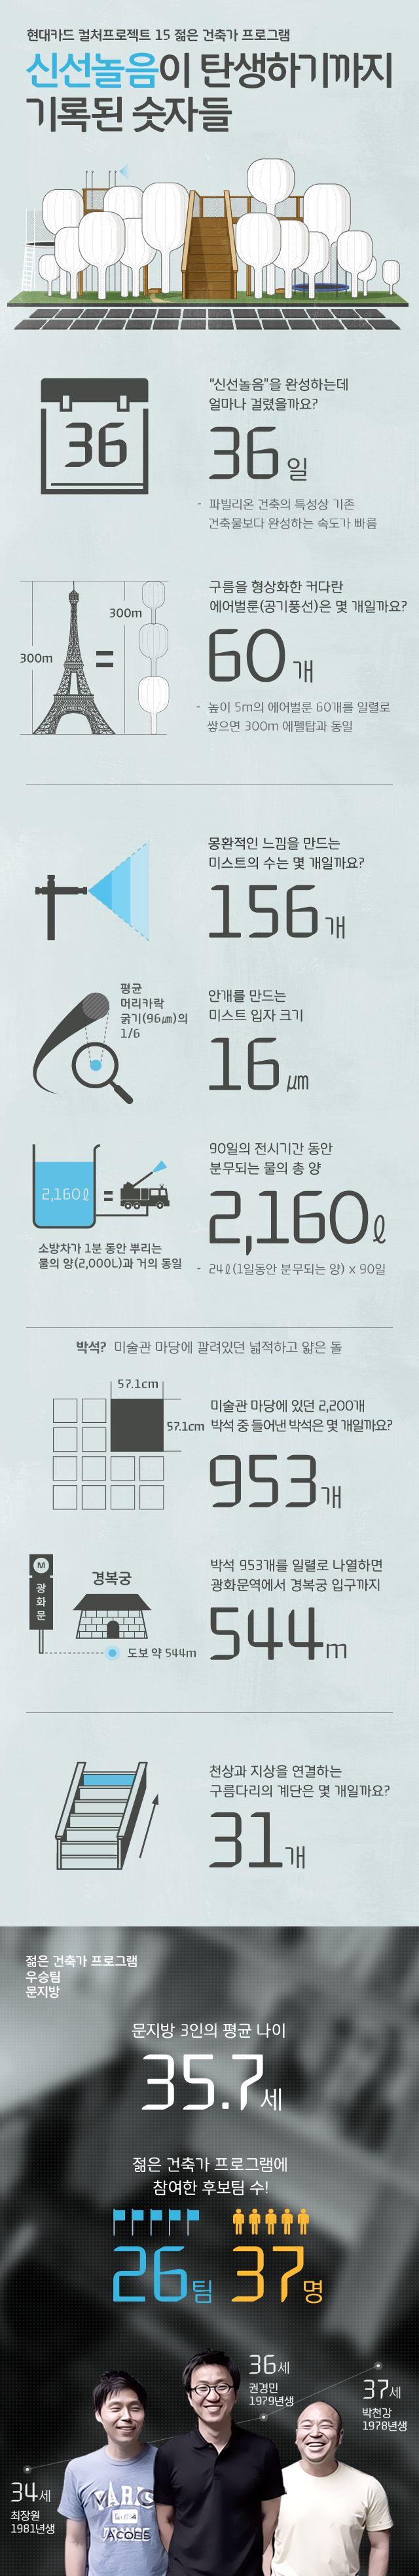 [인포그래픽] 신선놀음이 탄생하기까지 기록된 숫자들 :: 현대카드 Super Series